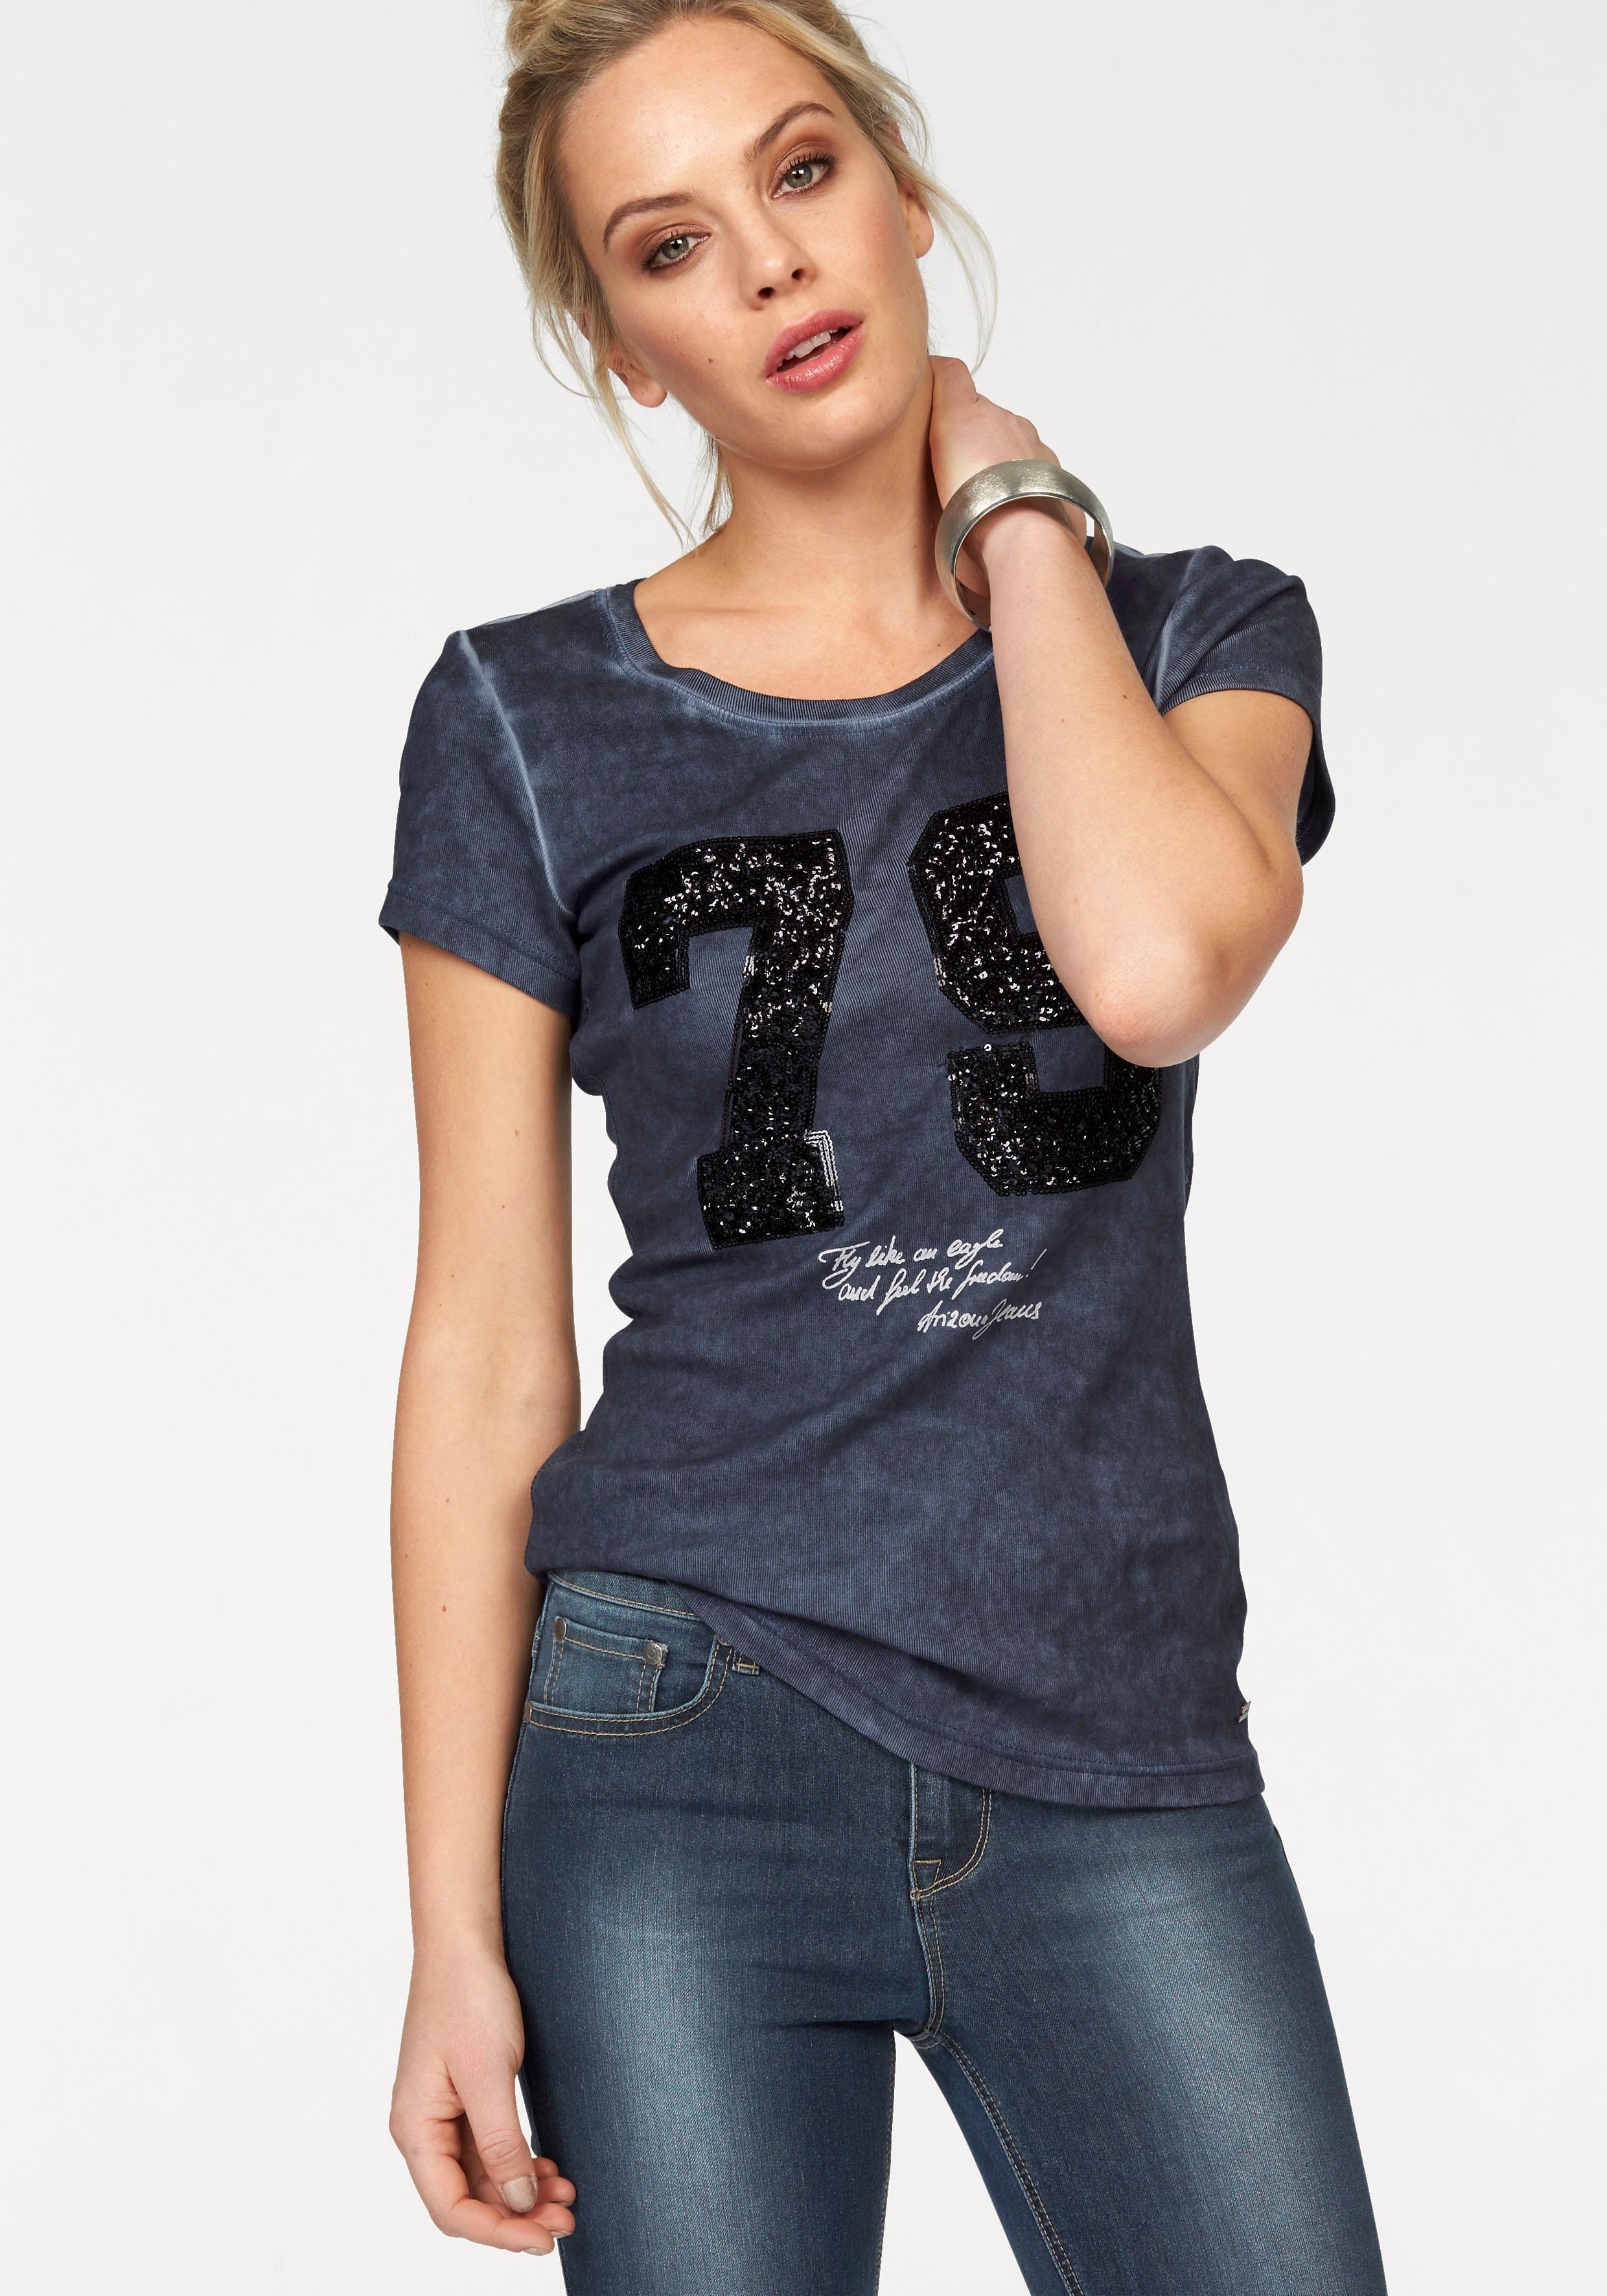 AJC girls Arizona Shirt Carmenshirt verstellbare Träger Grau Meliert Neu